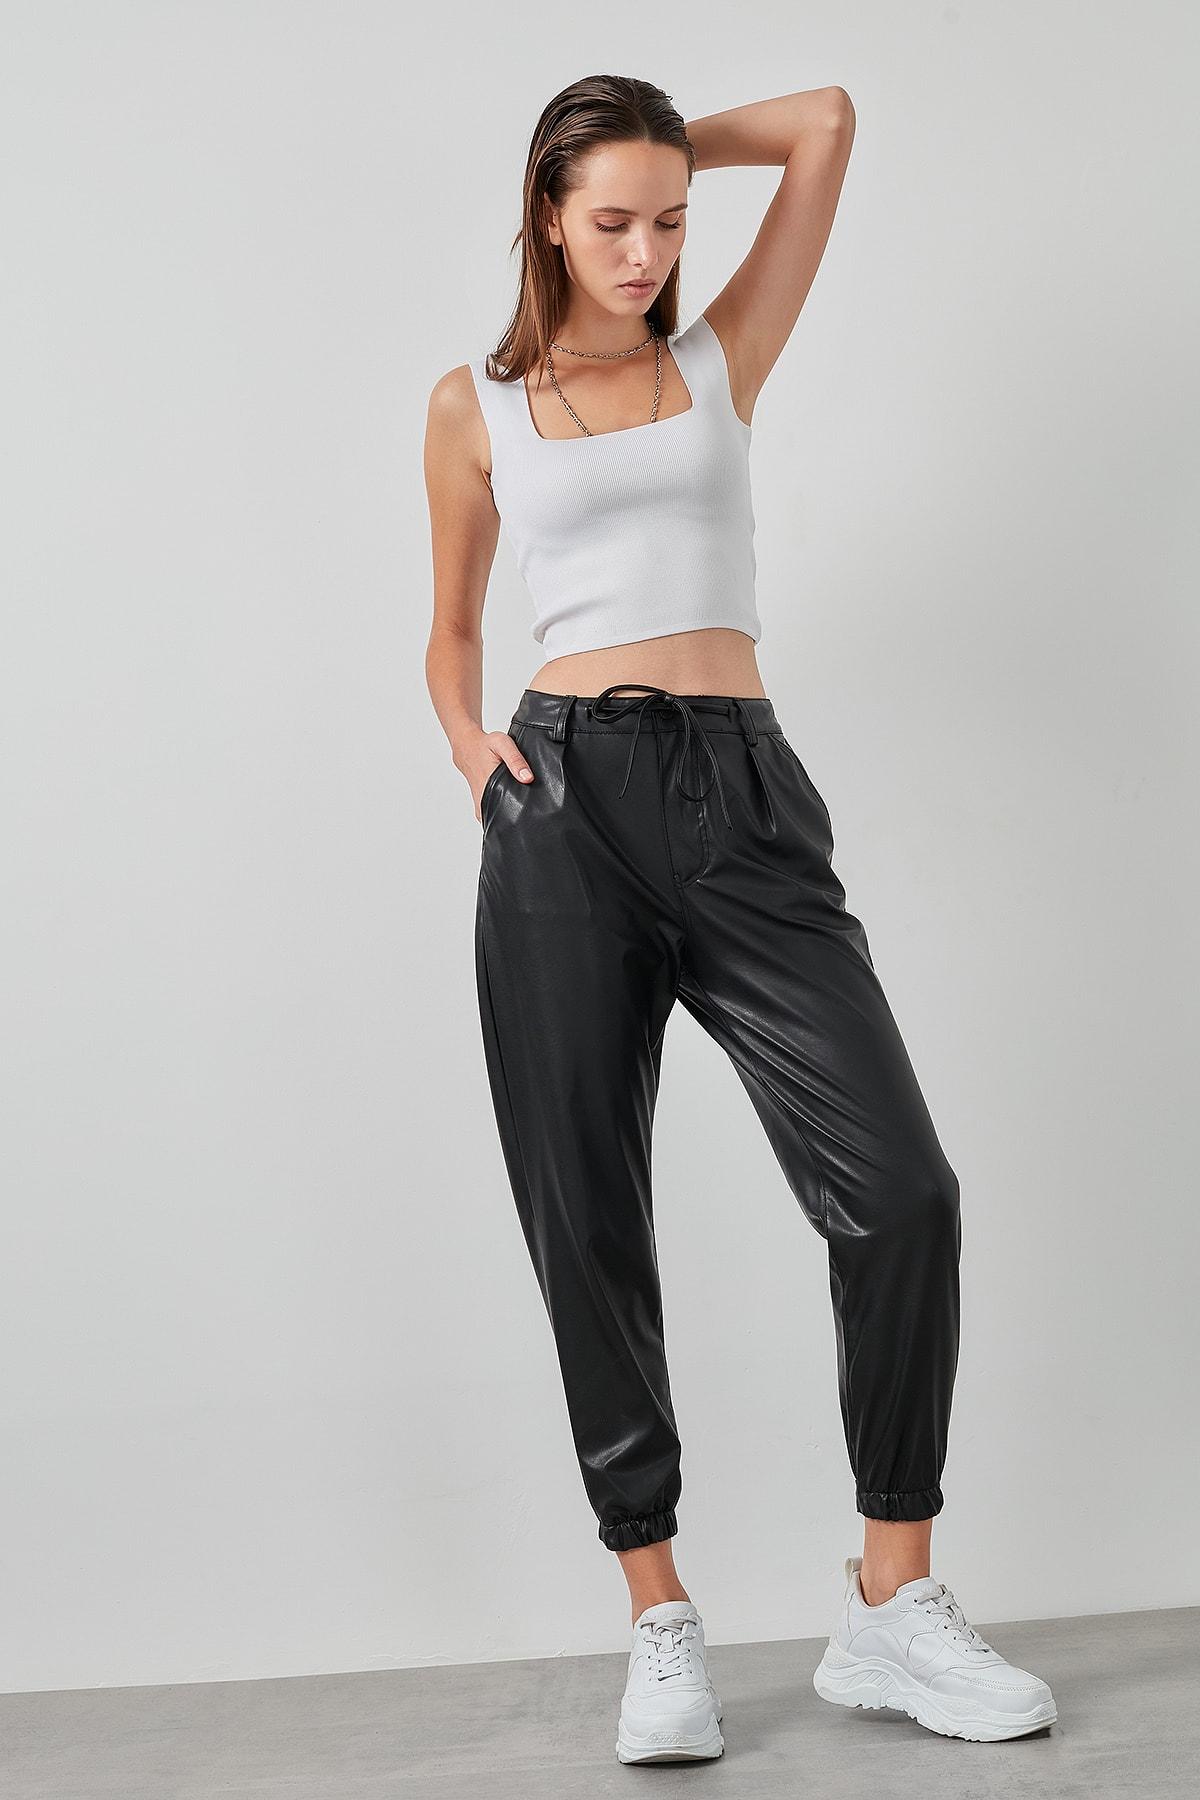 Lela Kadın Siyah Belden Bağlamalı Paçası Lastikli Suni Deri Pantolon 1